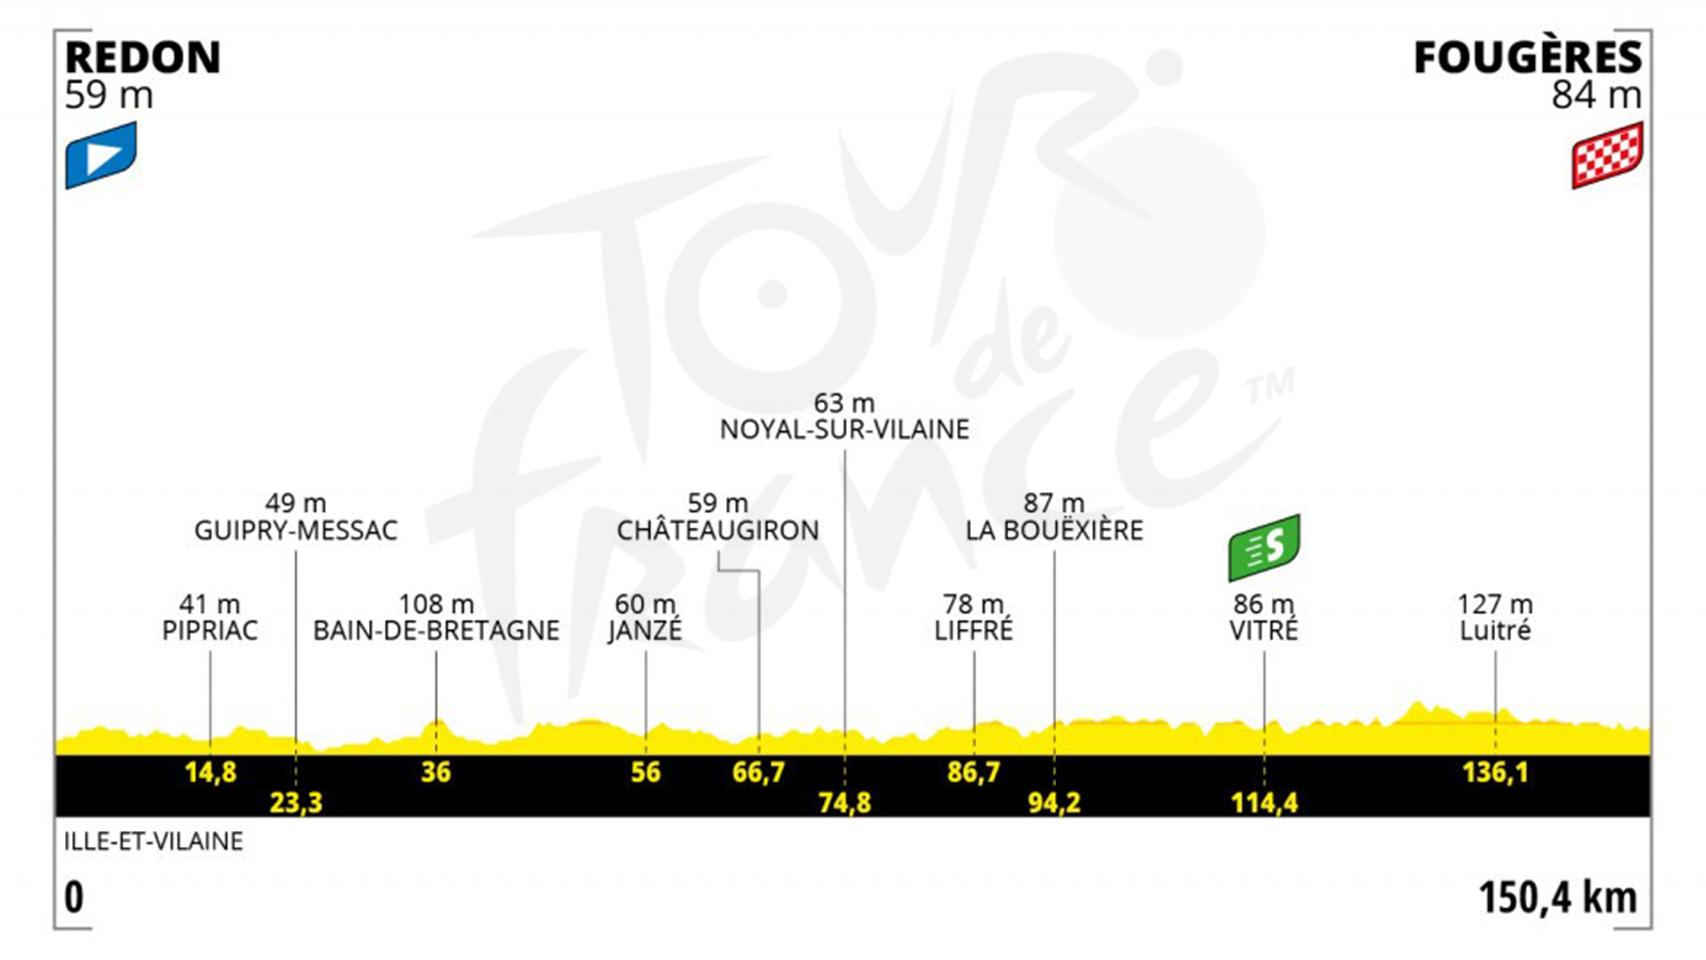 Etapa 4 (martes 29 de junio): Redon - Fougères   150,4 kilómetros